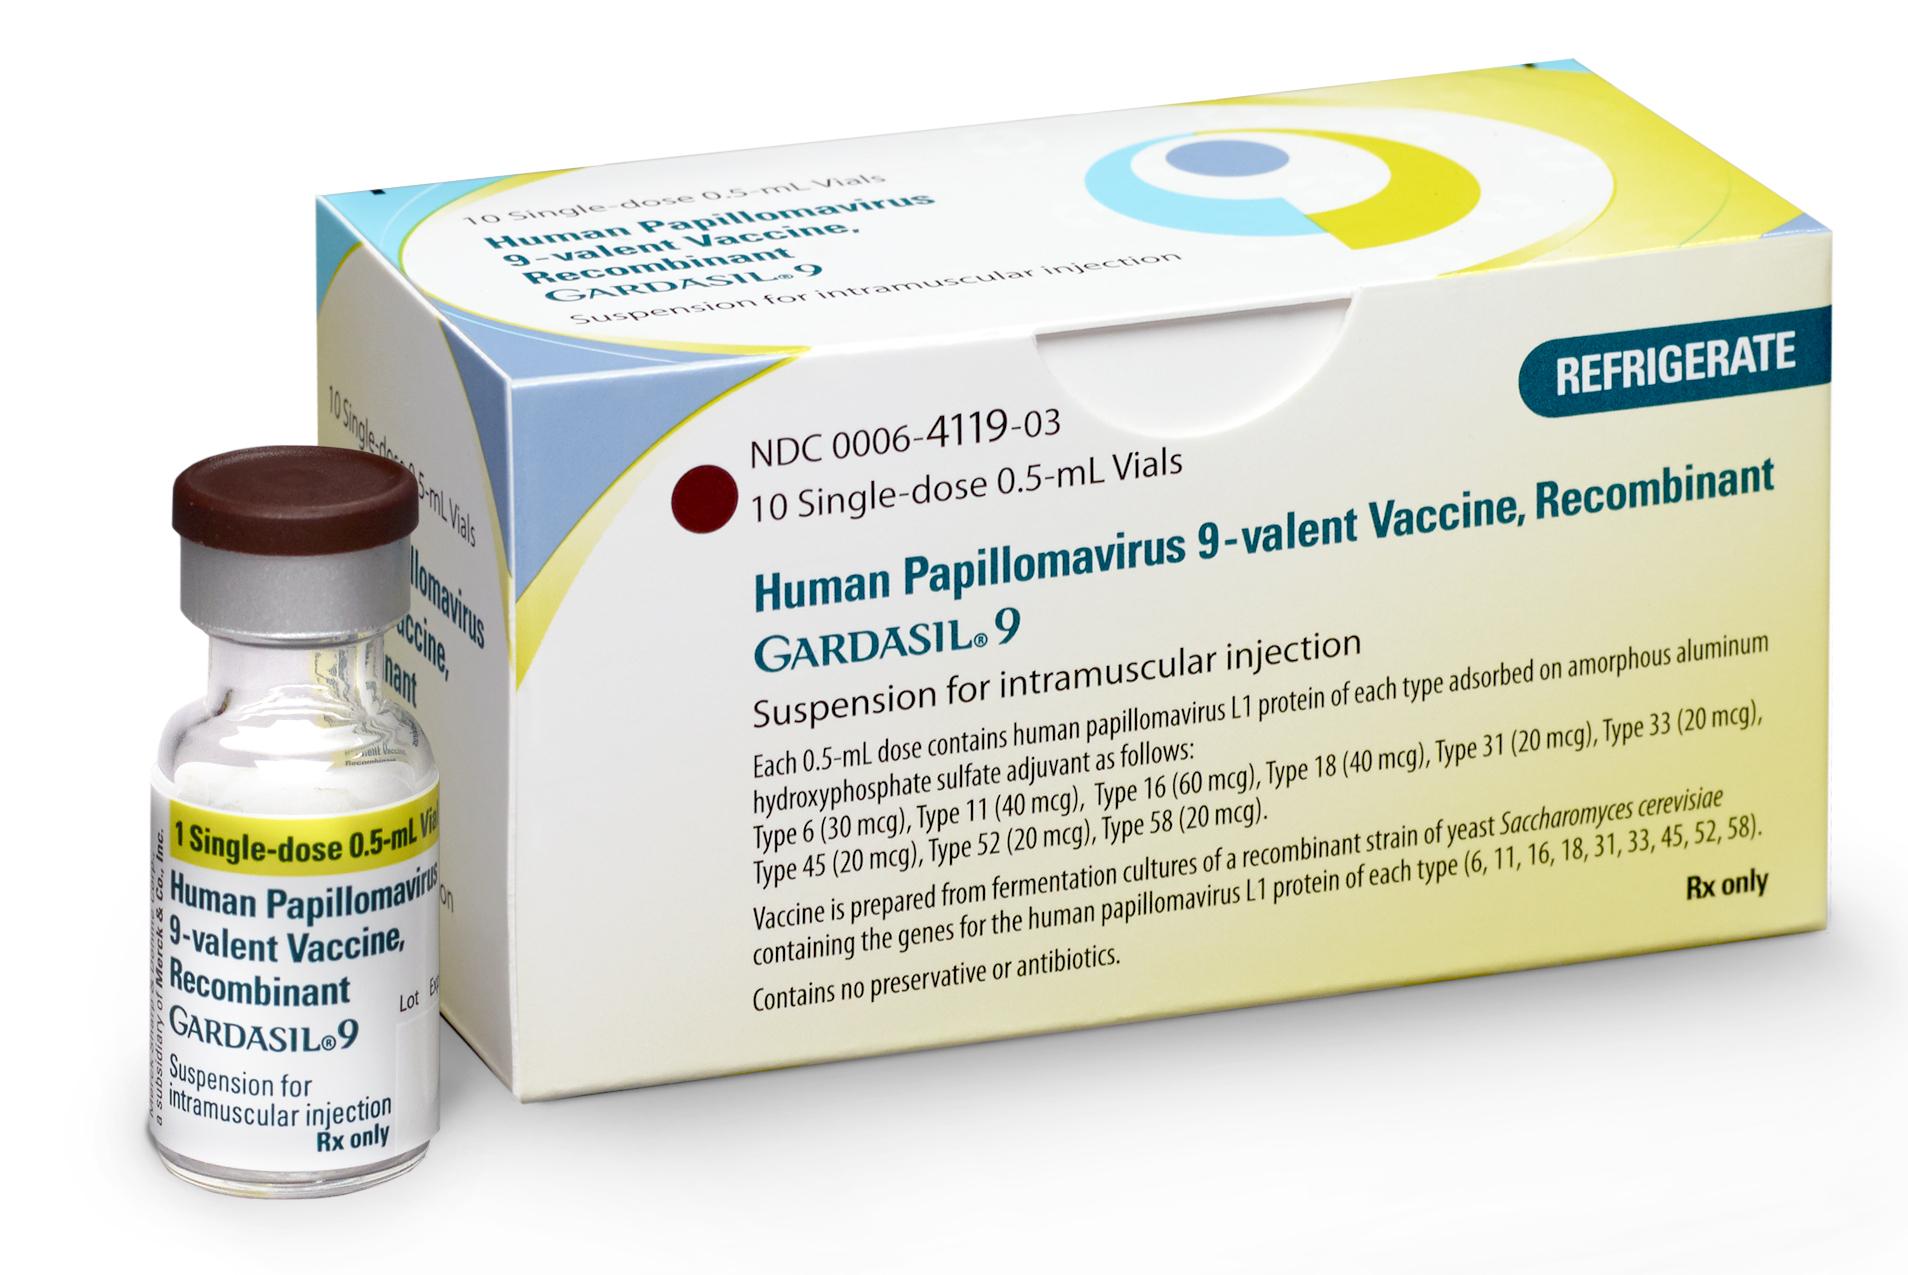 vaccino papilloma virus gardasil 9 leacuri pentru negi